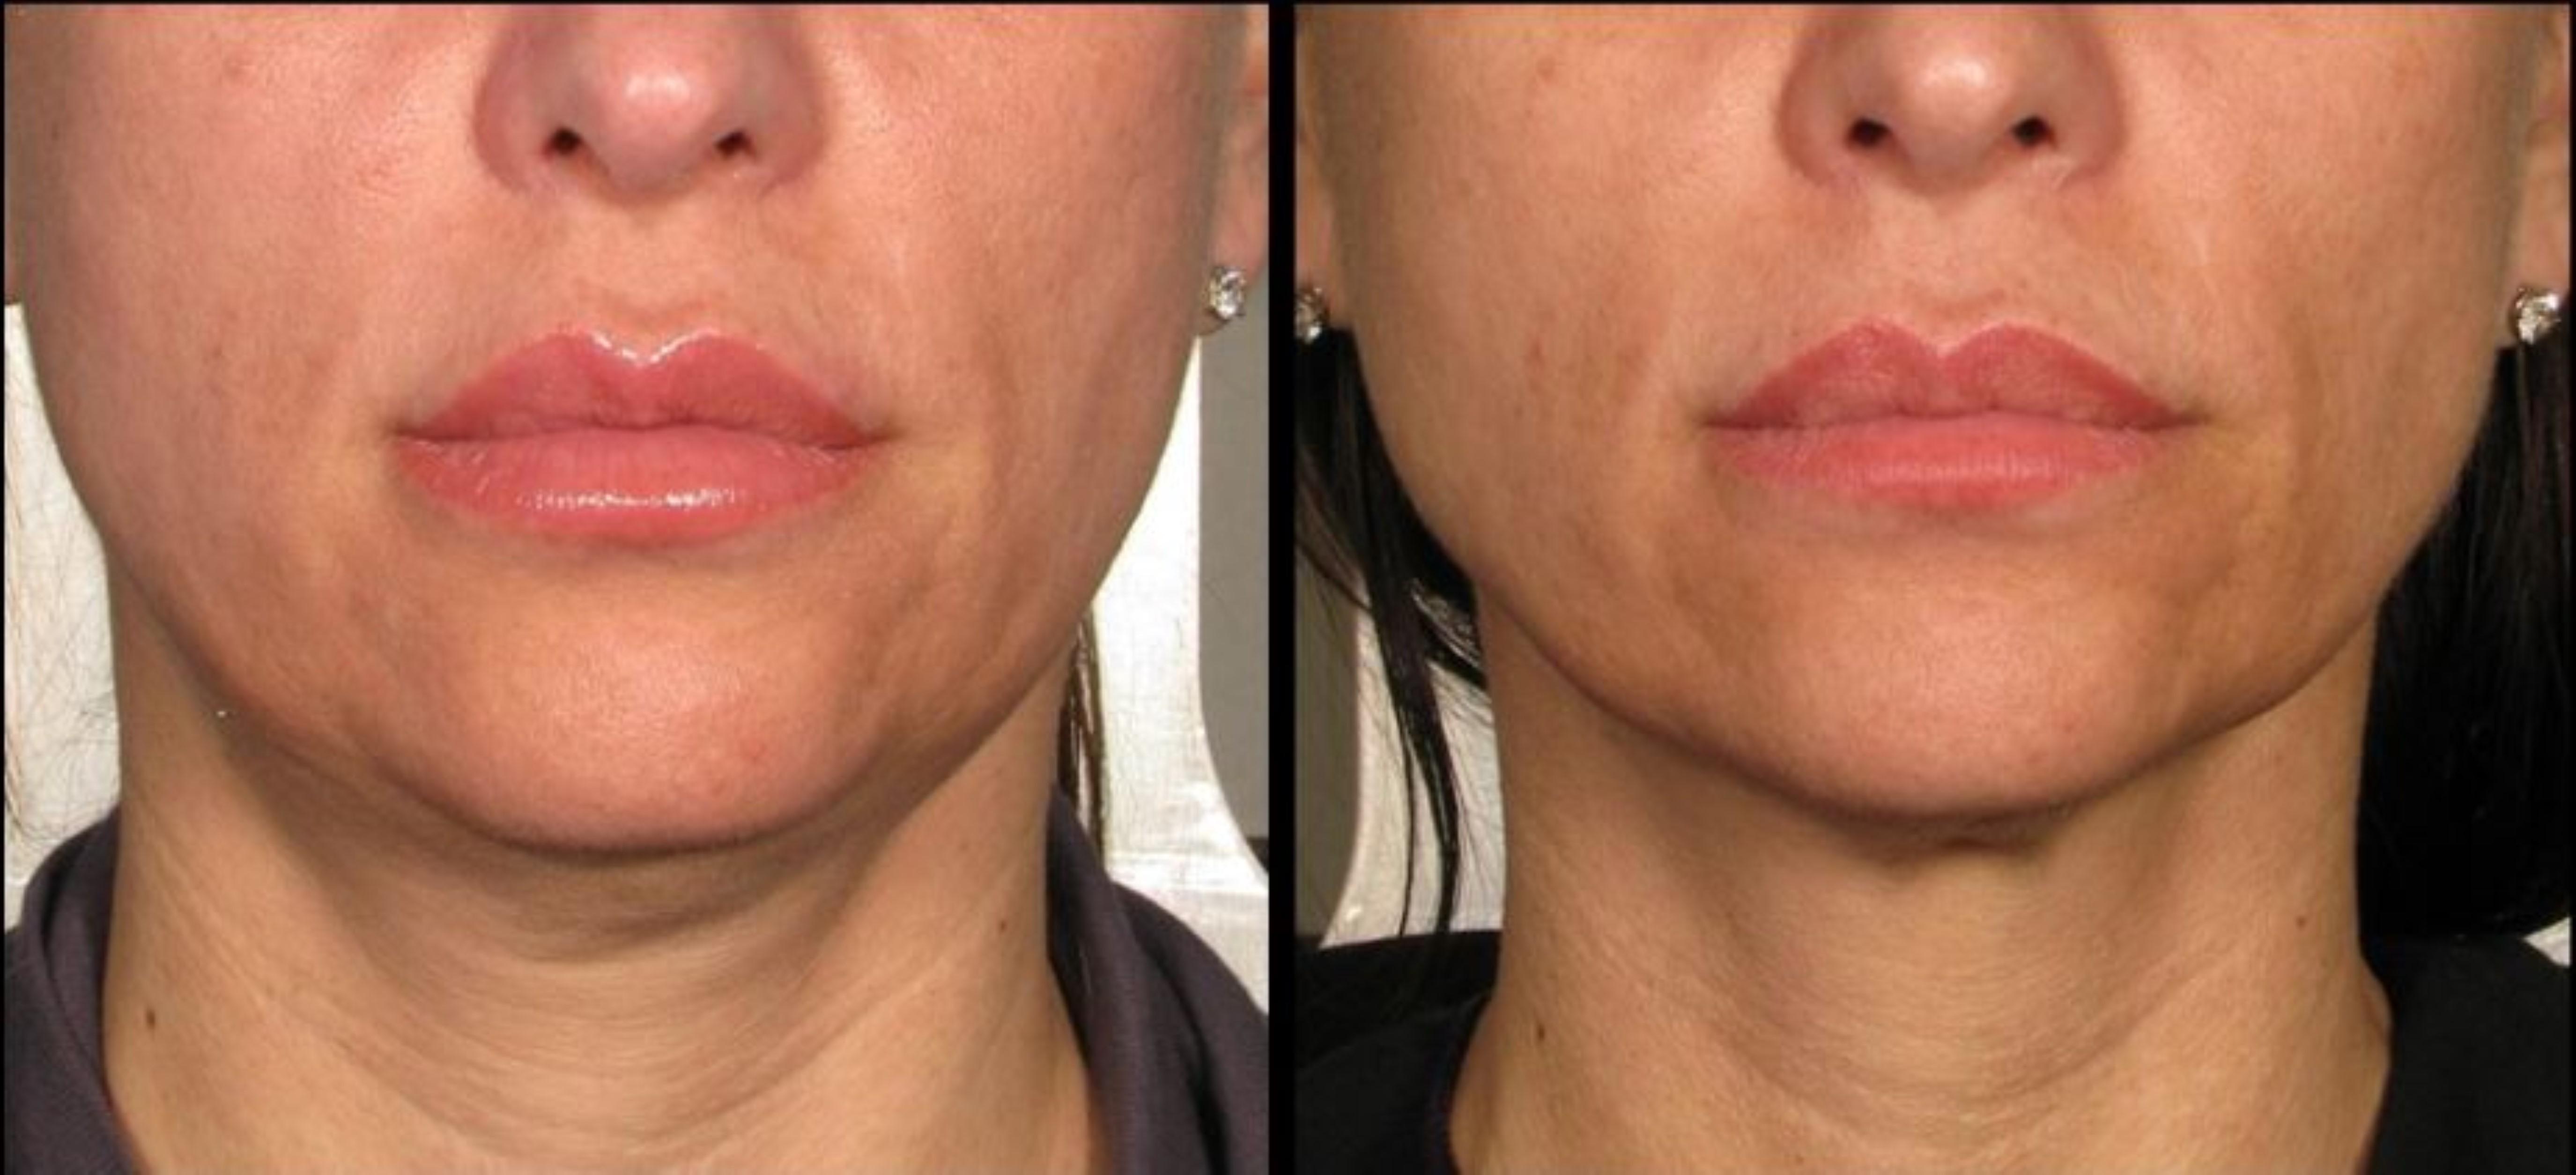 חלק מהמטופלות רואות אפקט ראשוני מיד בתום הטיפול - אבל התוצאה המשמעותית מופיעה כעבור שלושה חודשים לערך. הקולגן החדש שנבנה מותח וממצק בהדרגה את עור הפנים והצוואר, ומחליק את העור באזור המטופל / הידוק צוואר לפני ואחרי